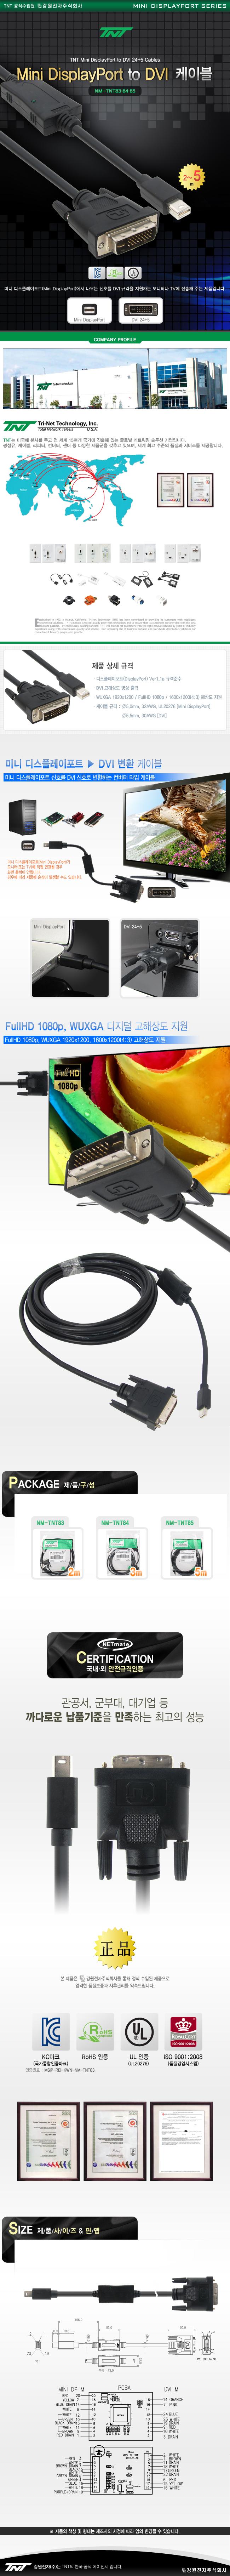 TNT Mini DisplayPort to DVI(24+5) 케이블 (3m, NM-TNT84)